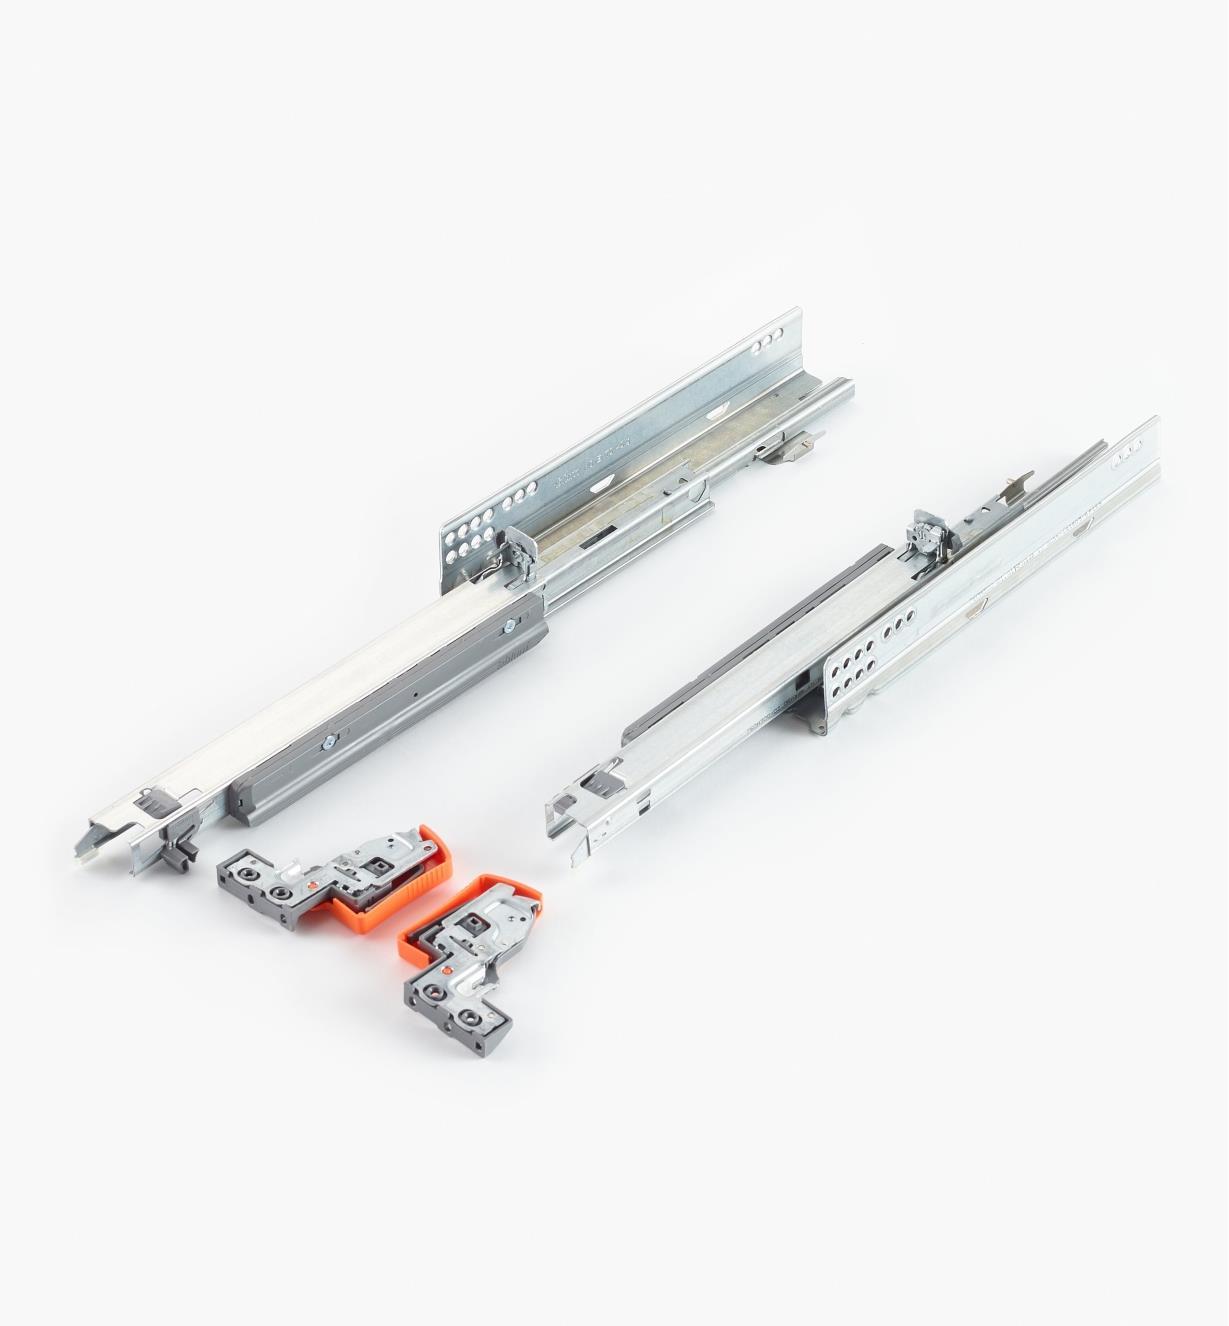 02K5430 - Coulisses Movento Blum de 300 mm (12 po), la paire